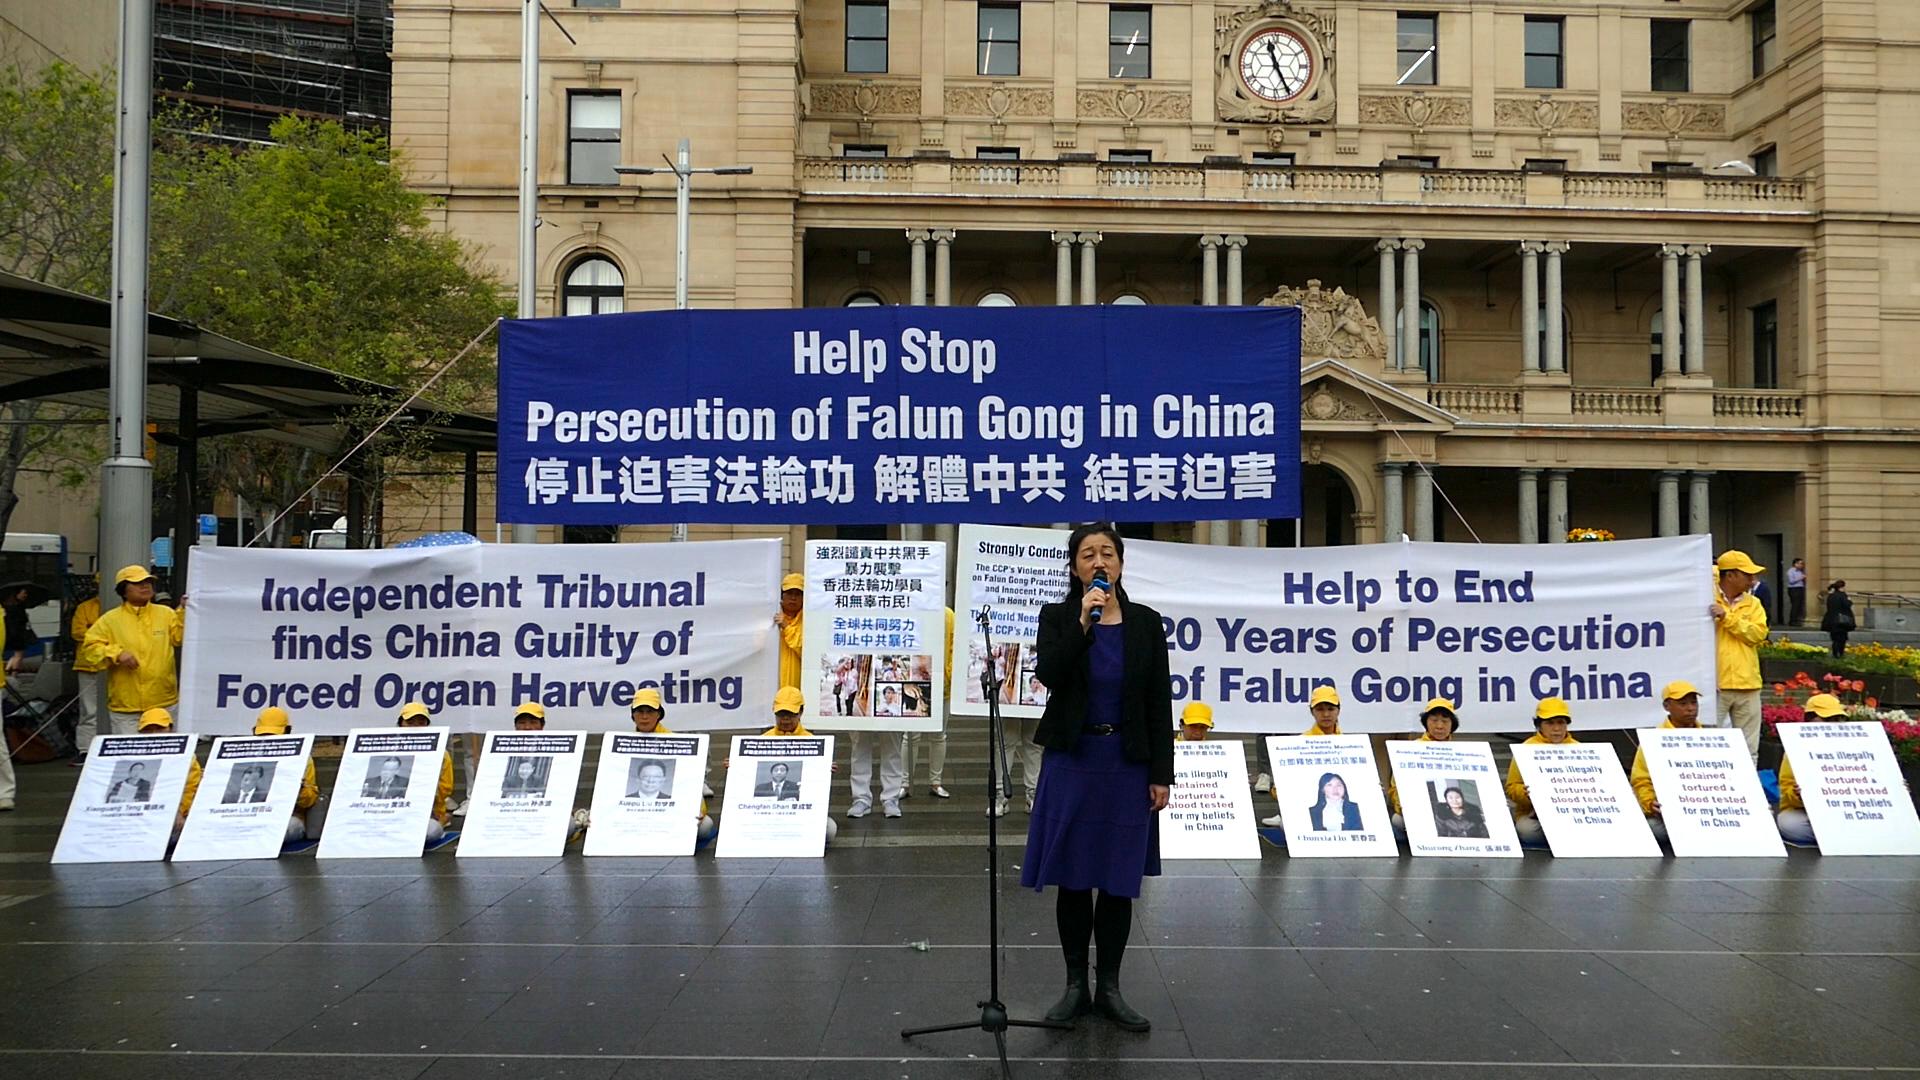 十一前 法輪功再向澳洲政府提交迫害者名單